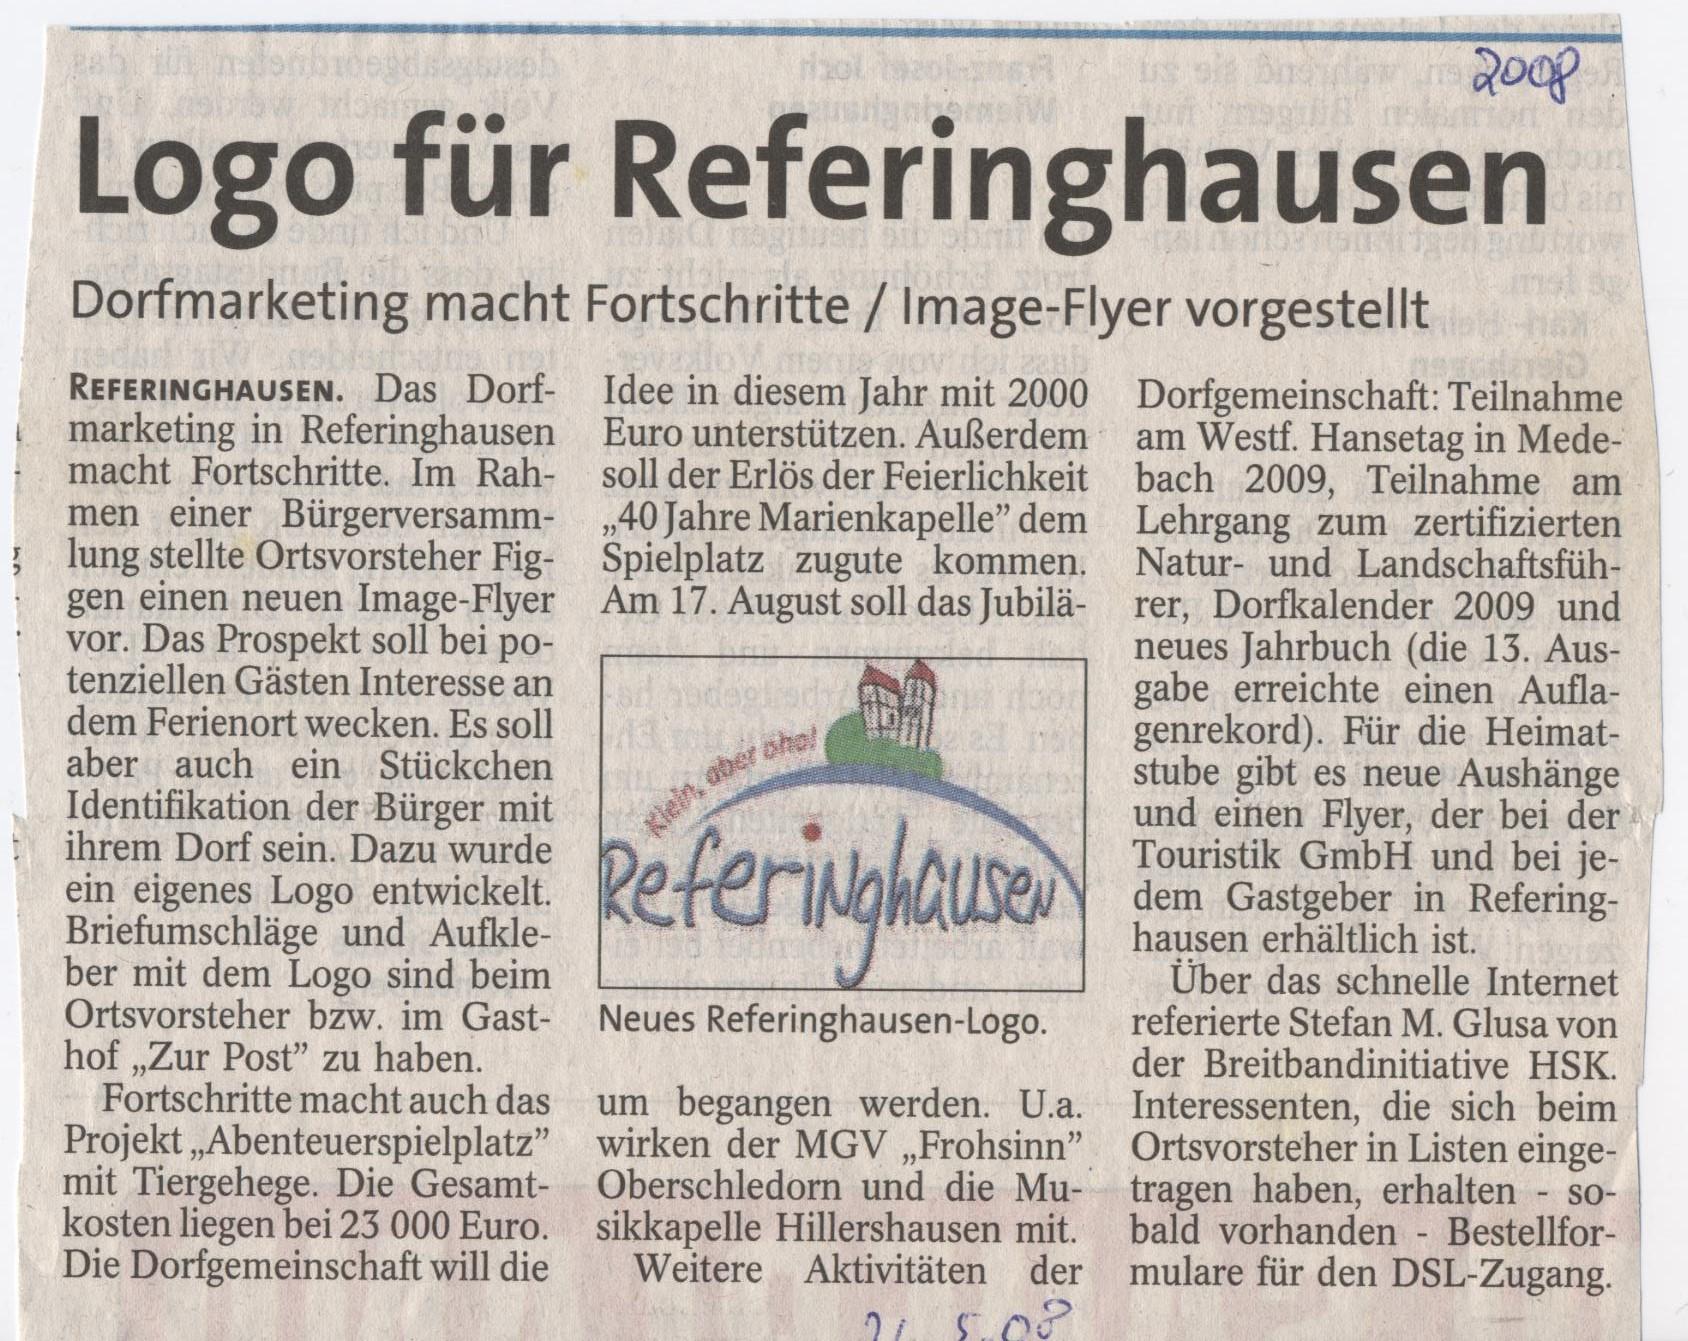 Logo für Referinghausen